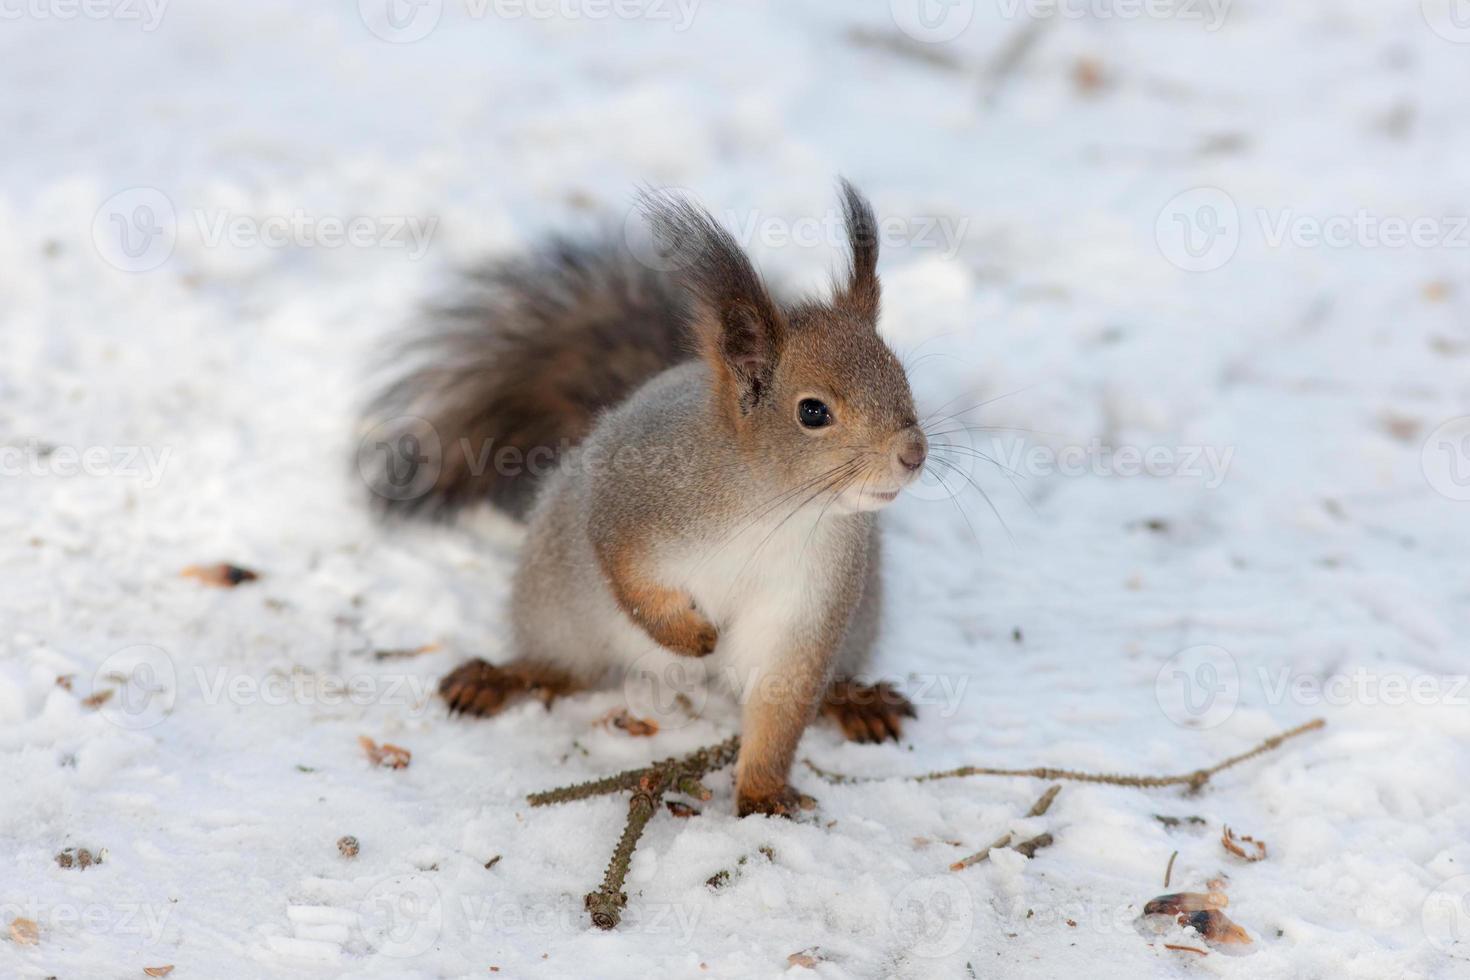 nieuwsgierige eekhoorn foto